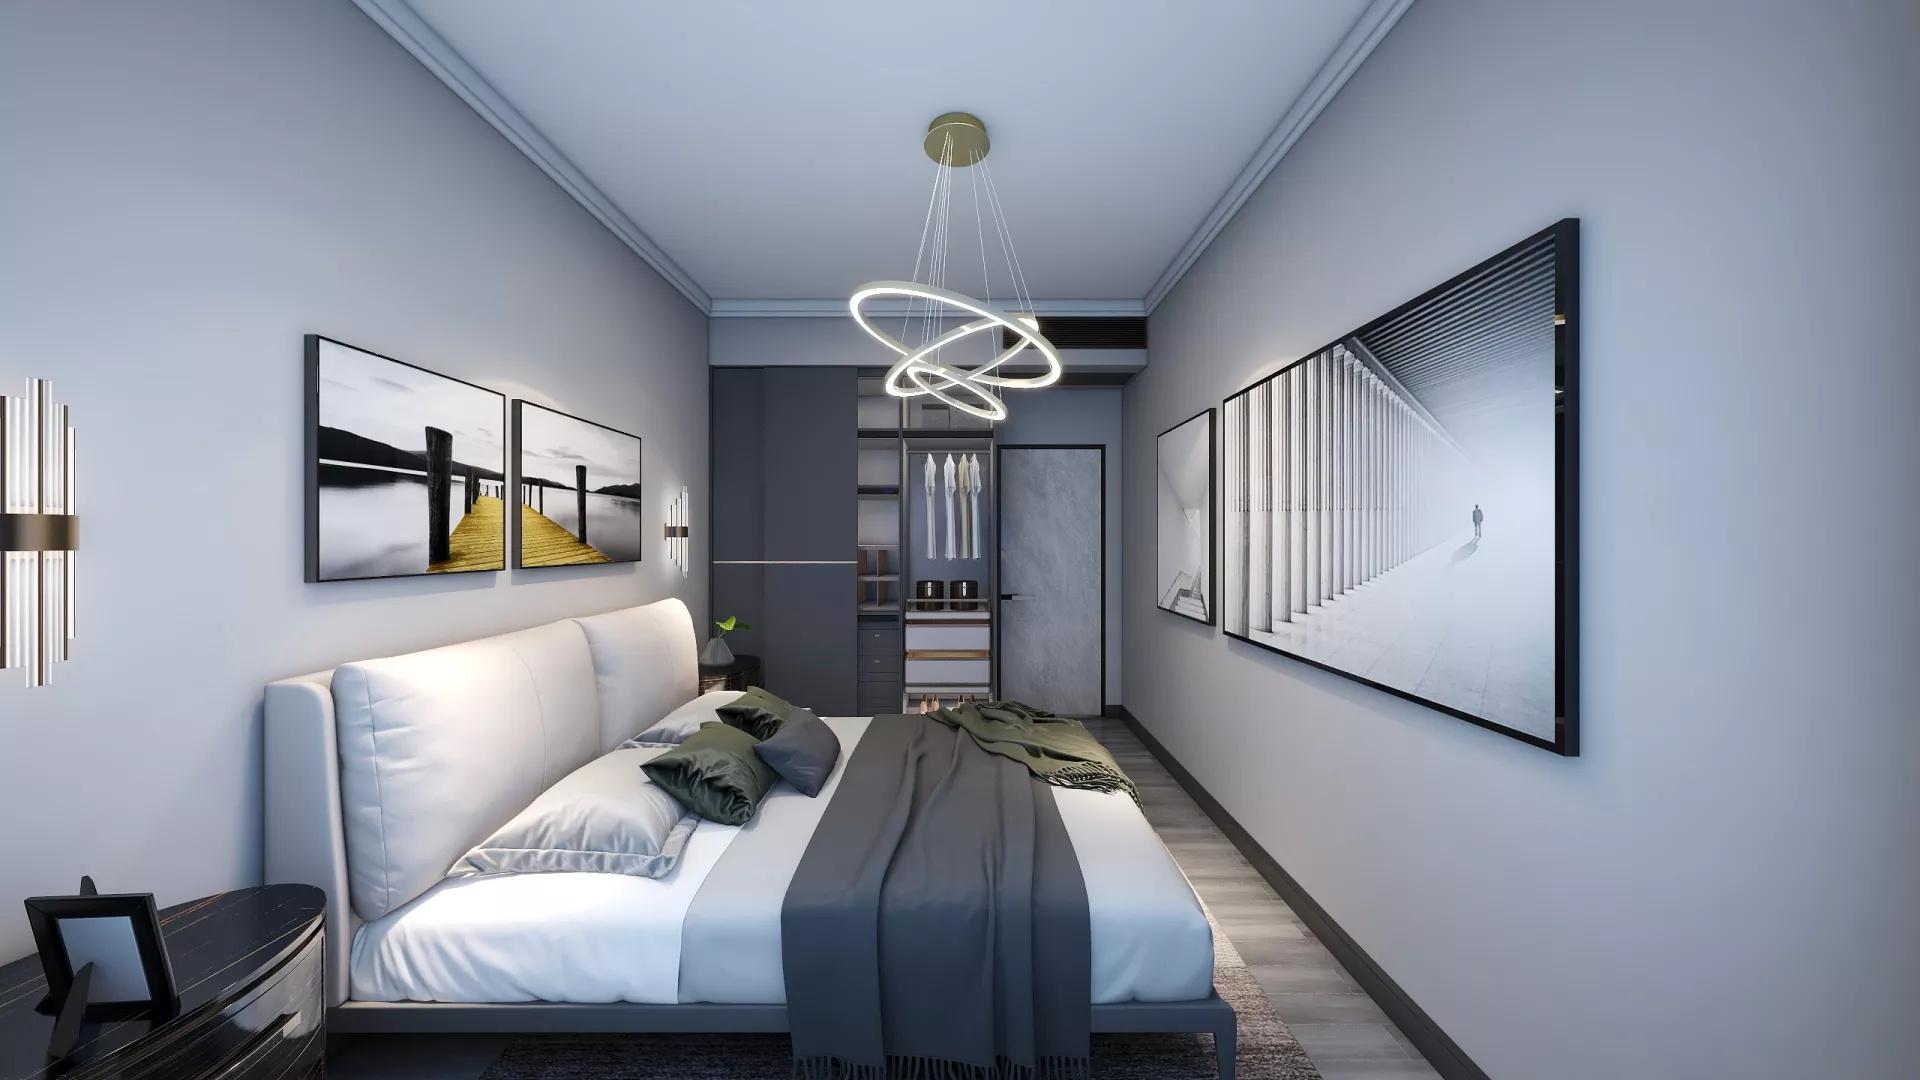 中式意境风格客厅装修设计效果图